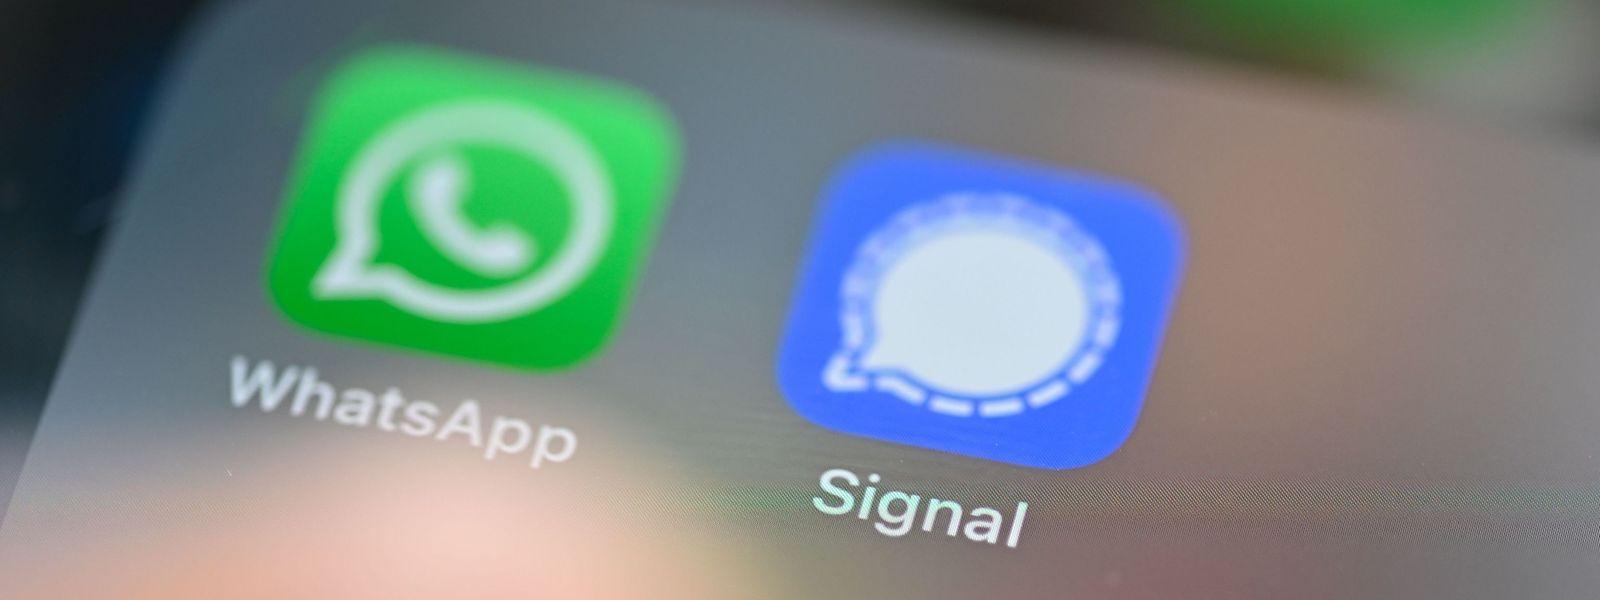 WhatsApp zählt weltweit rund zwei Milliarden Nutzer. Eine Alternative mit großem Zulauf ist neben Threema der Dienst Signal.